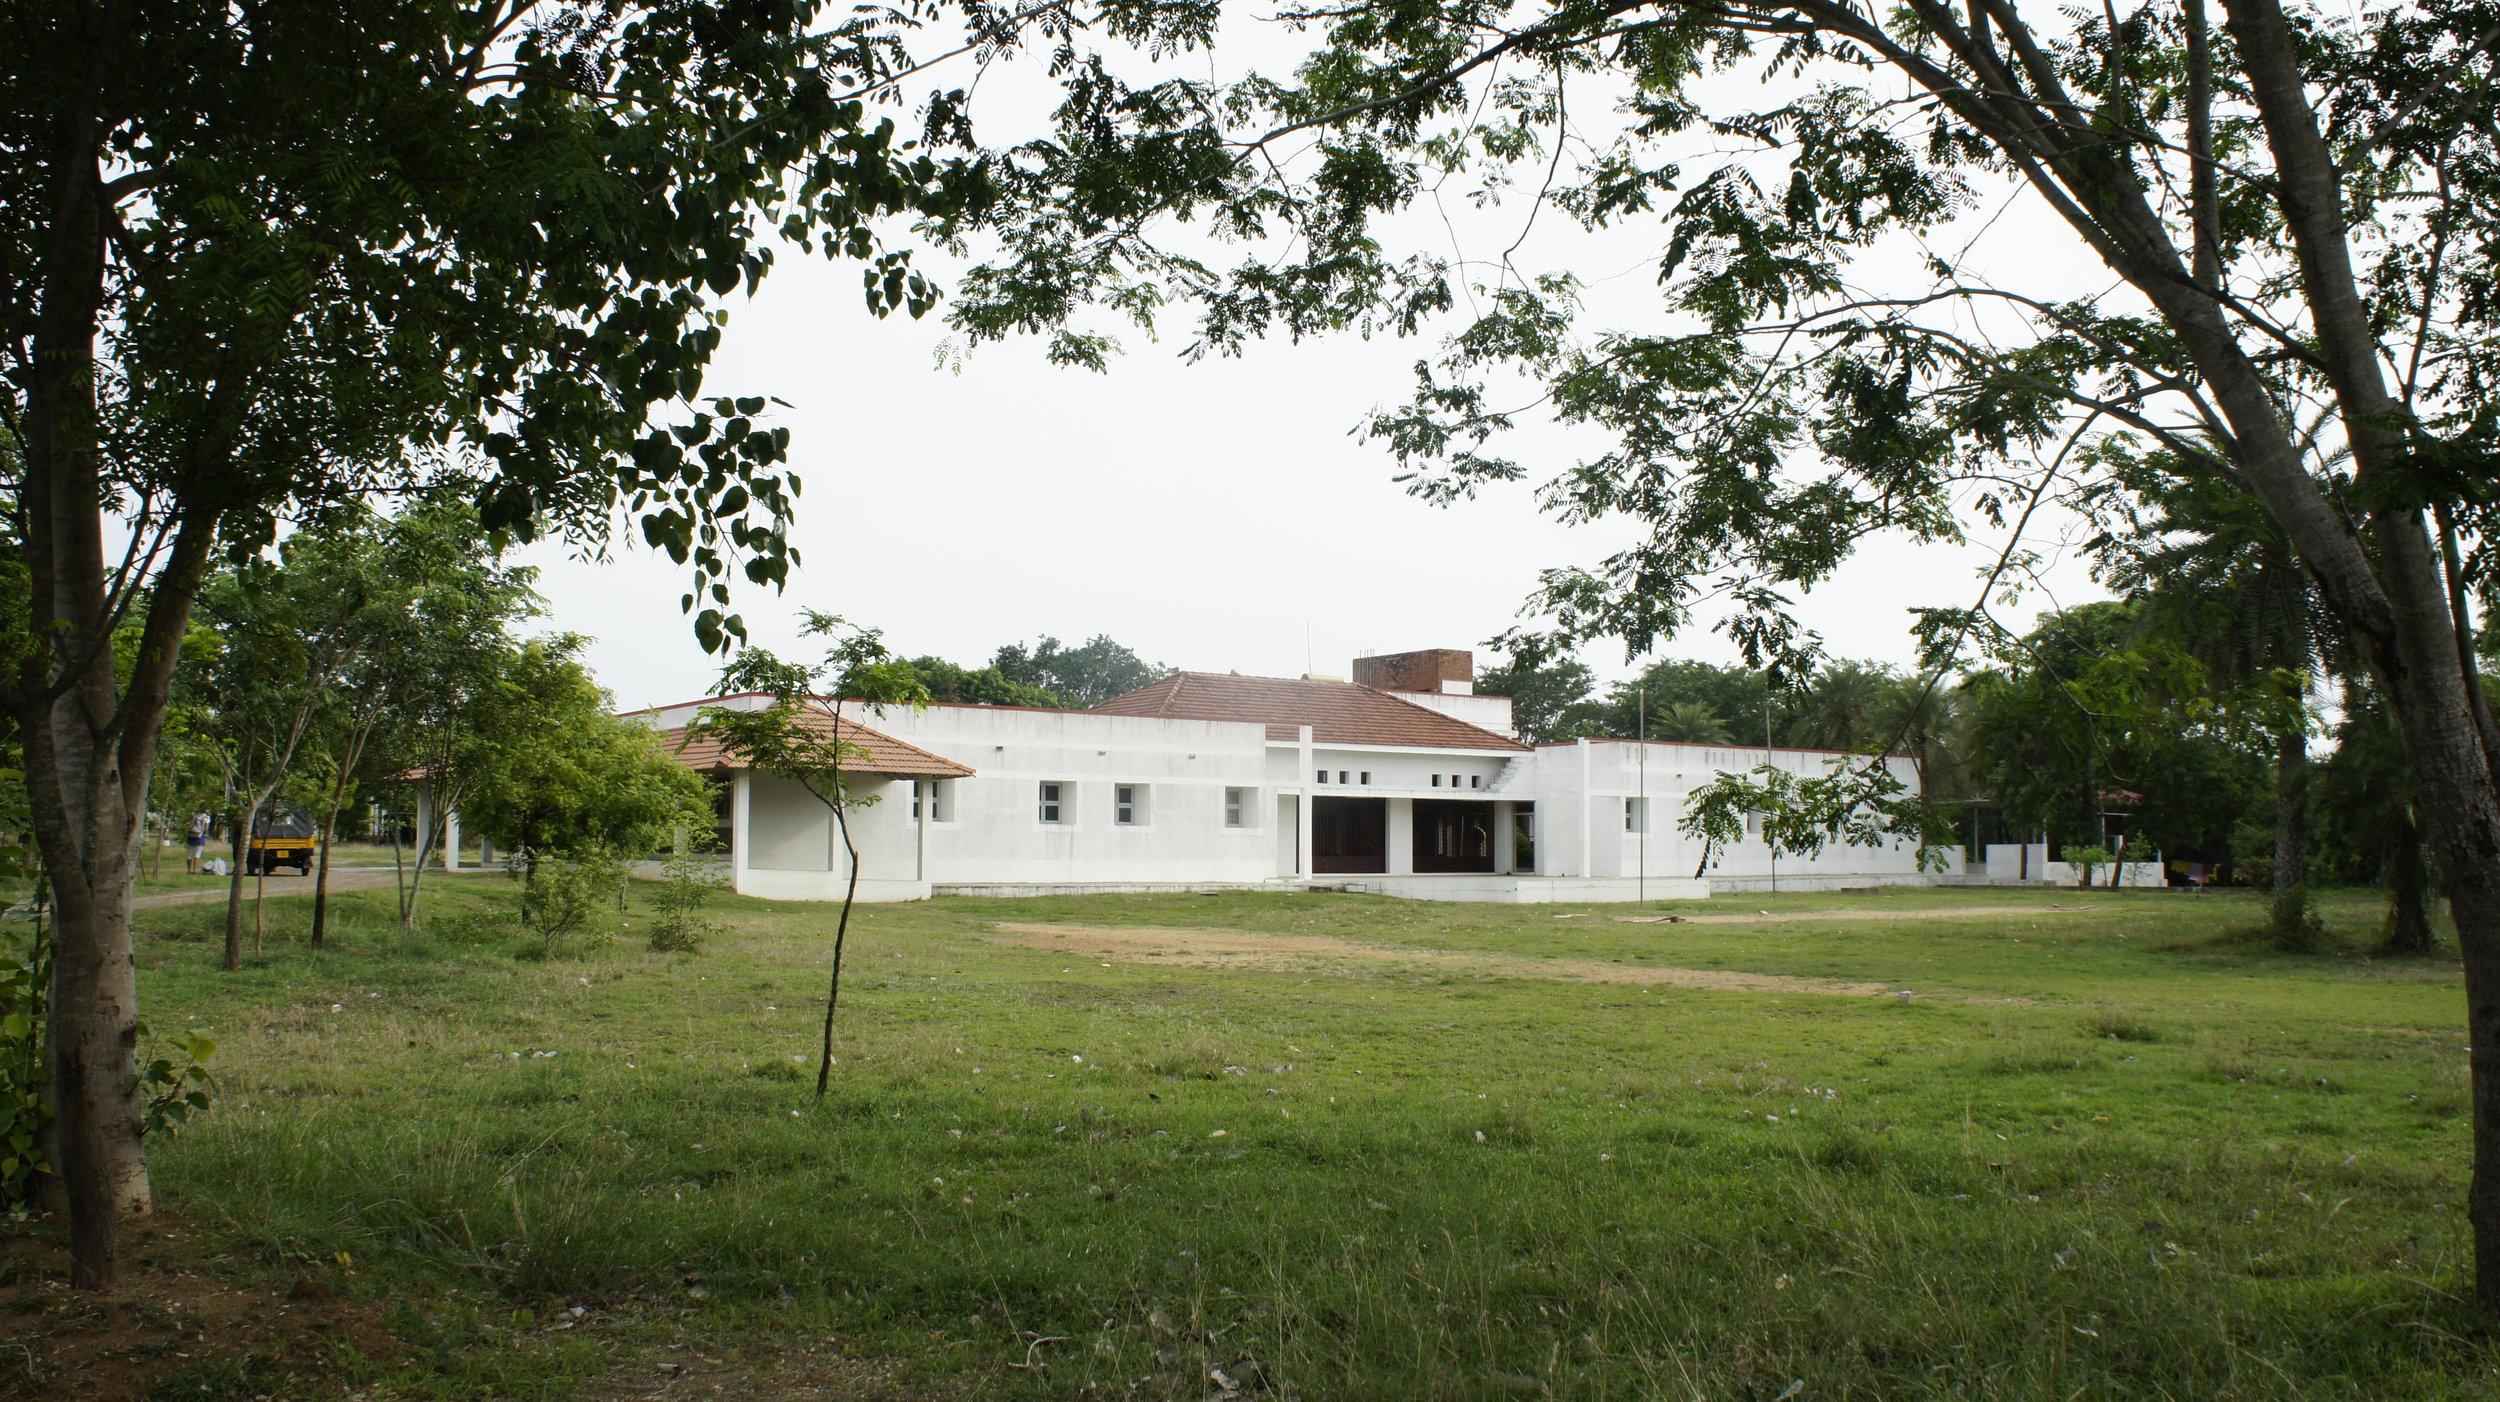 2016-06 Omgeving Kattaikkuttu school-2.JPG